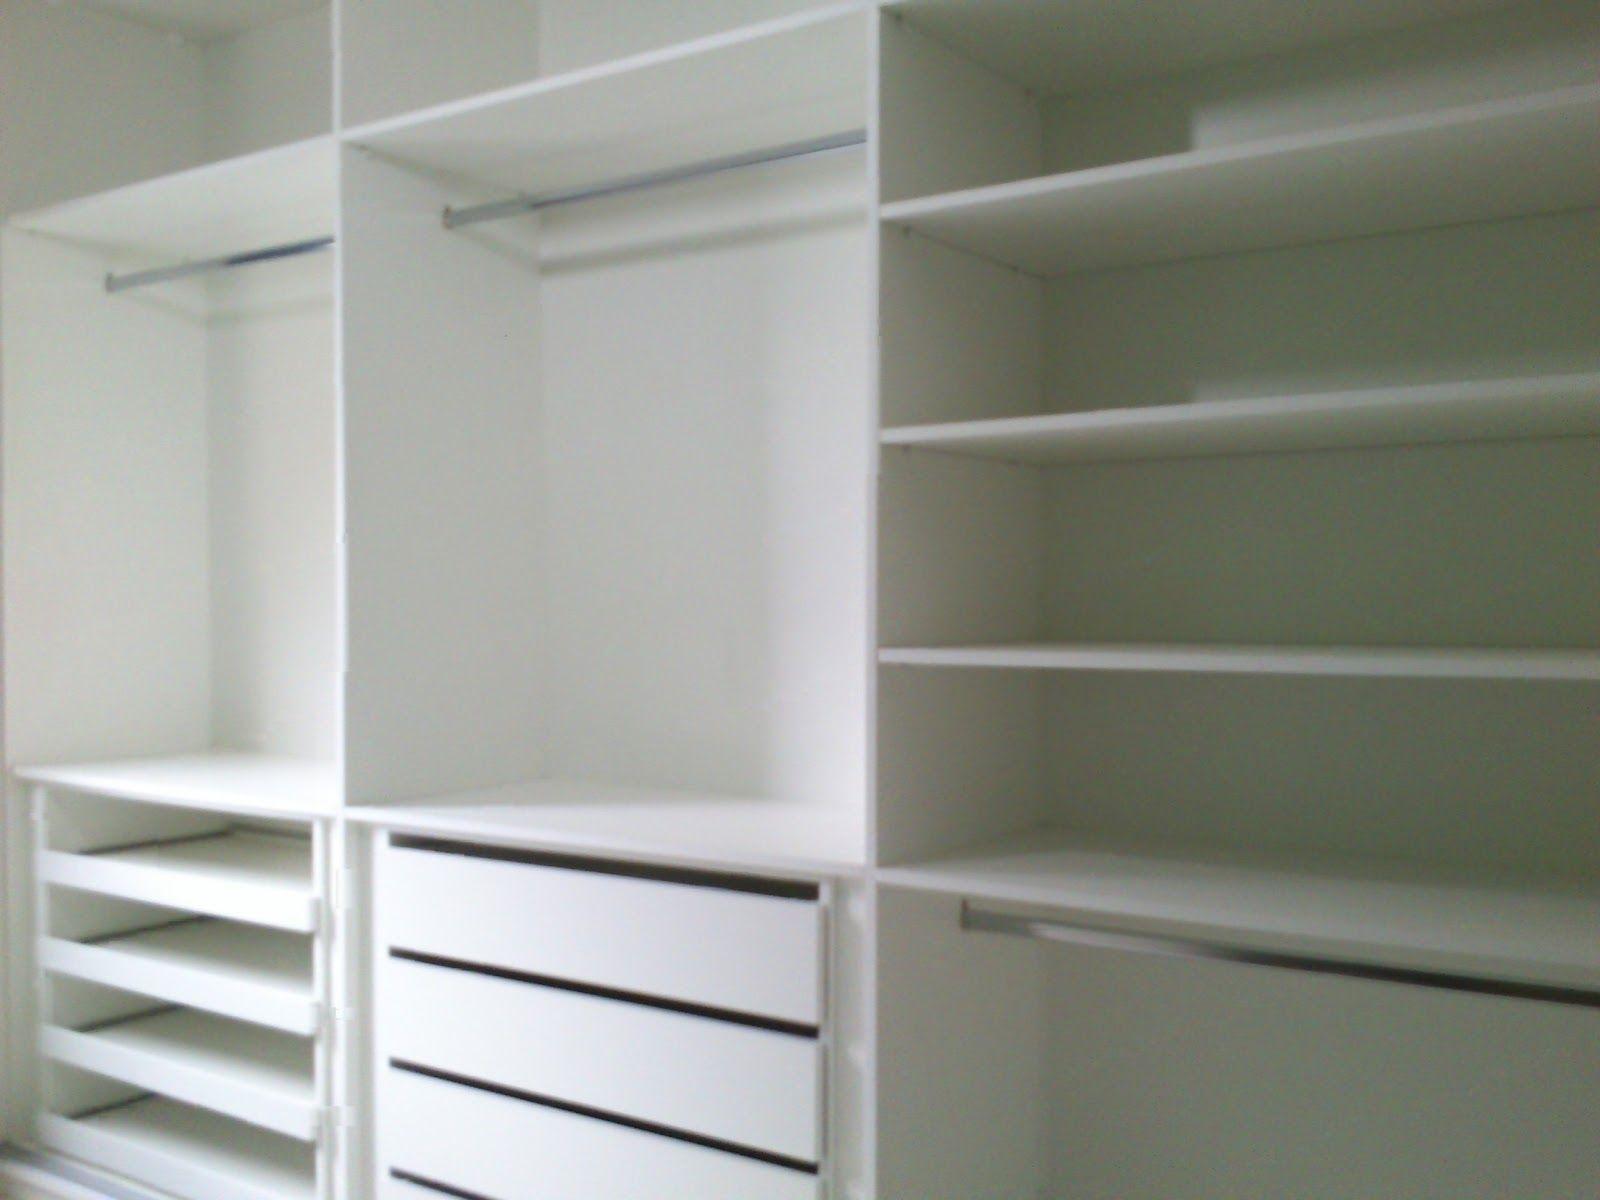 Armario Closet ~ Armário Armário Beb u00ea Pinterest Armário, Armários brancos e Armário beb u00ea